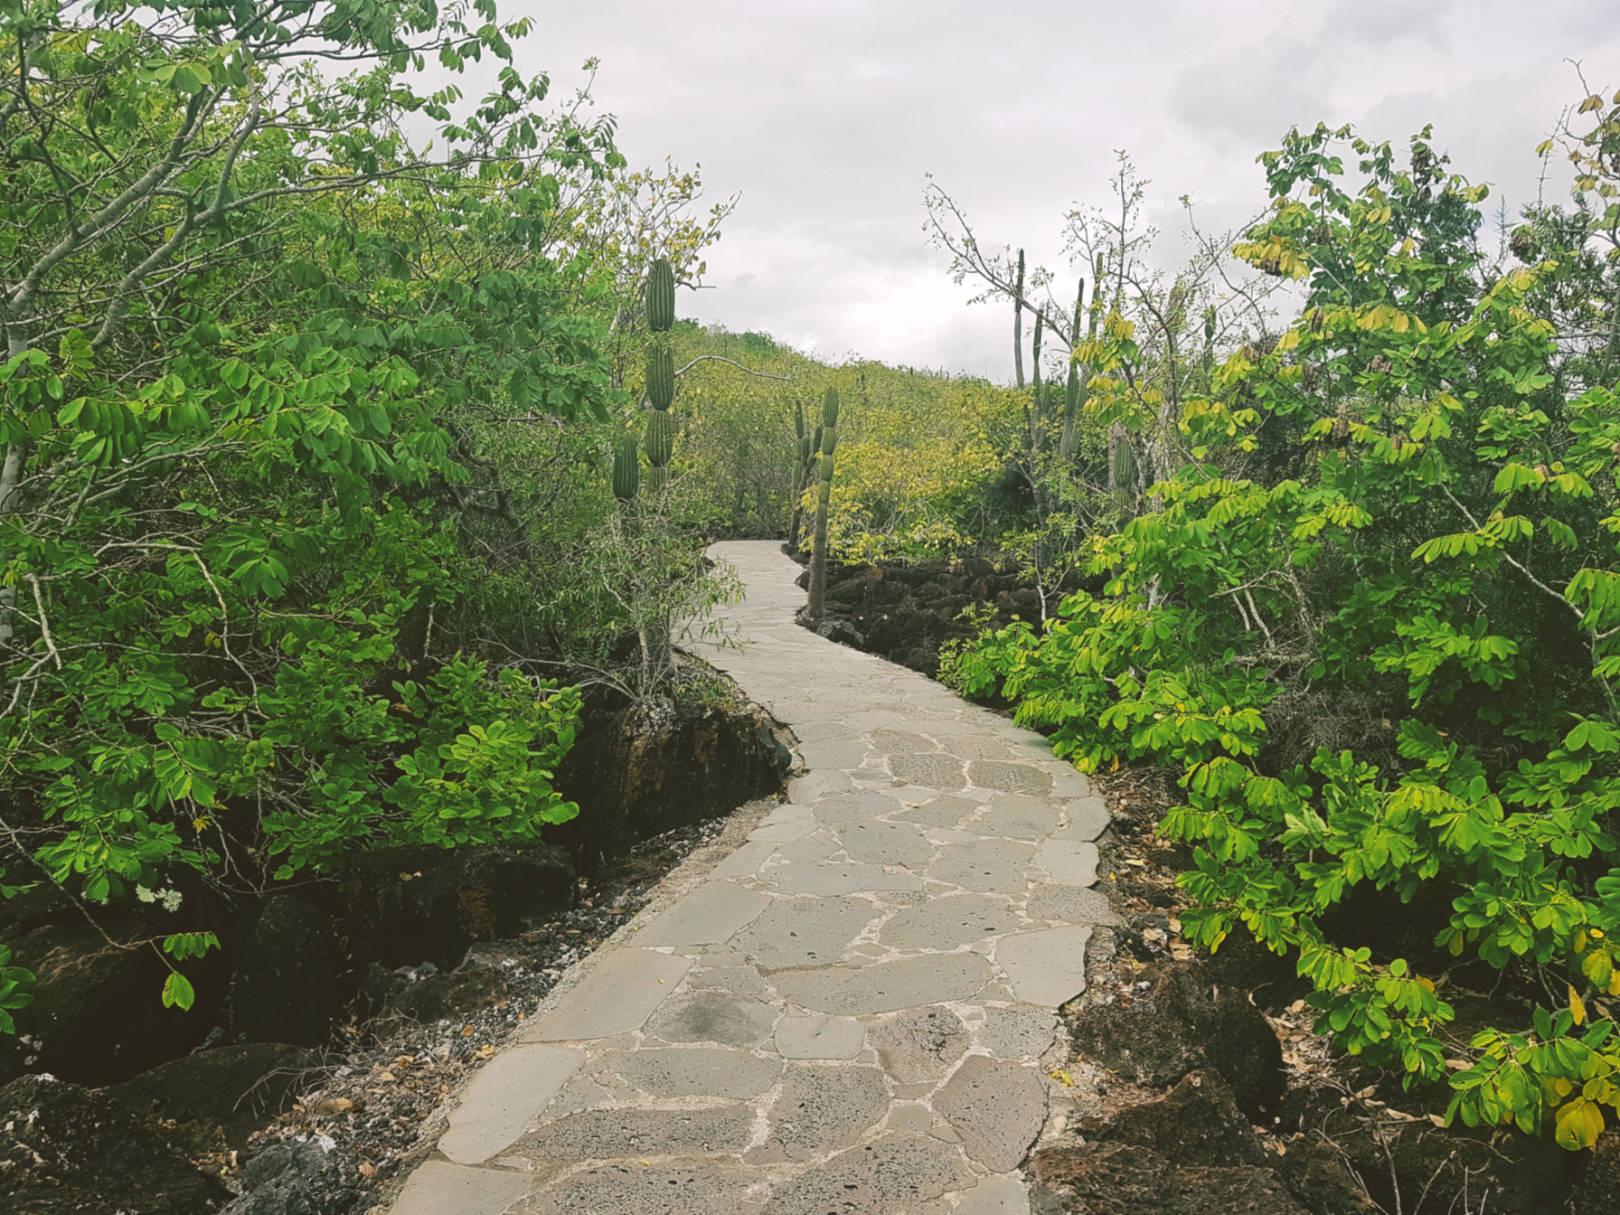 Jak tanio zwiedzić Wyspy Galapagos Darmowe atrakcje nawyspach (18)